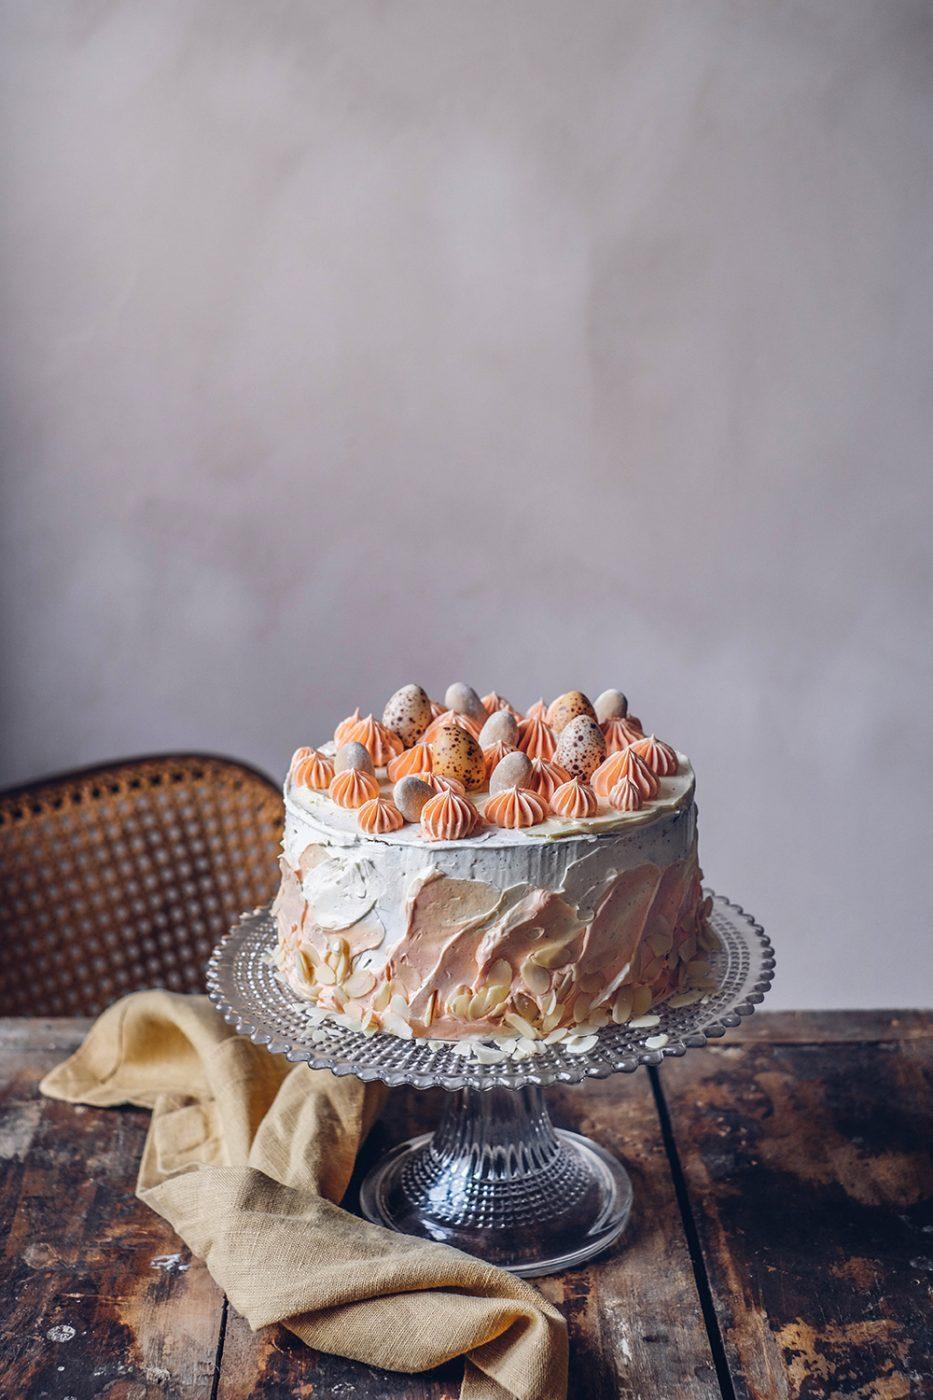 Image for Gluten-free Lemon Cake with Swiss Meringue Buttercream